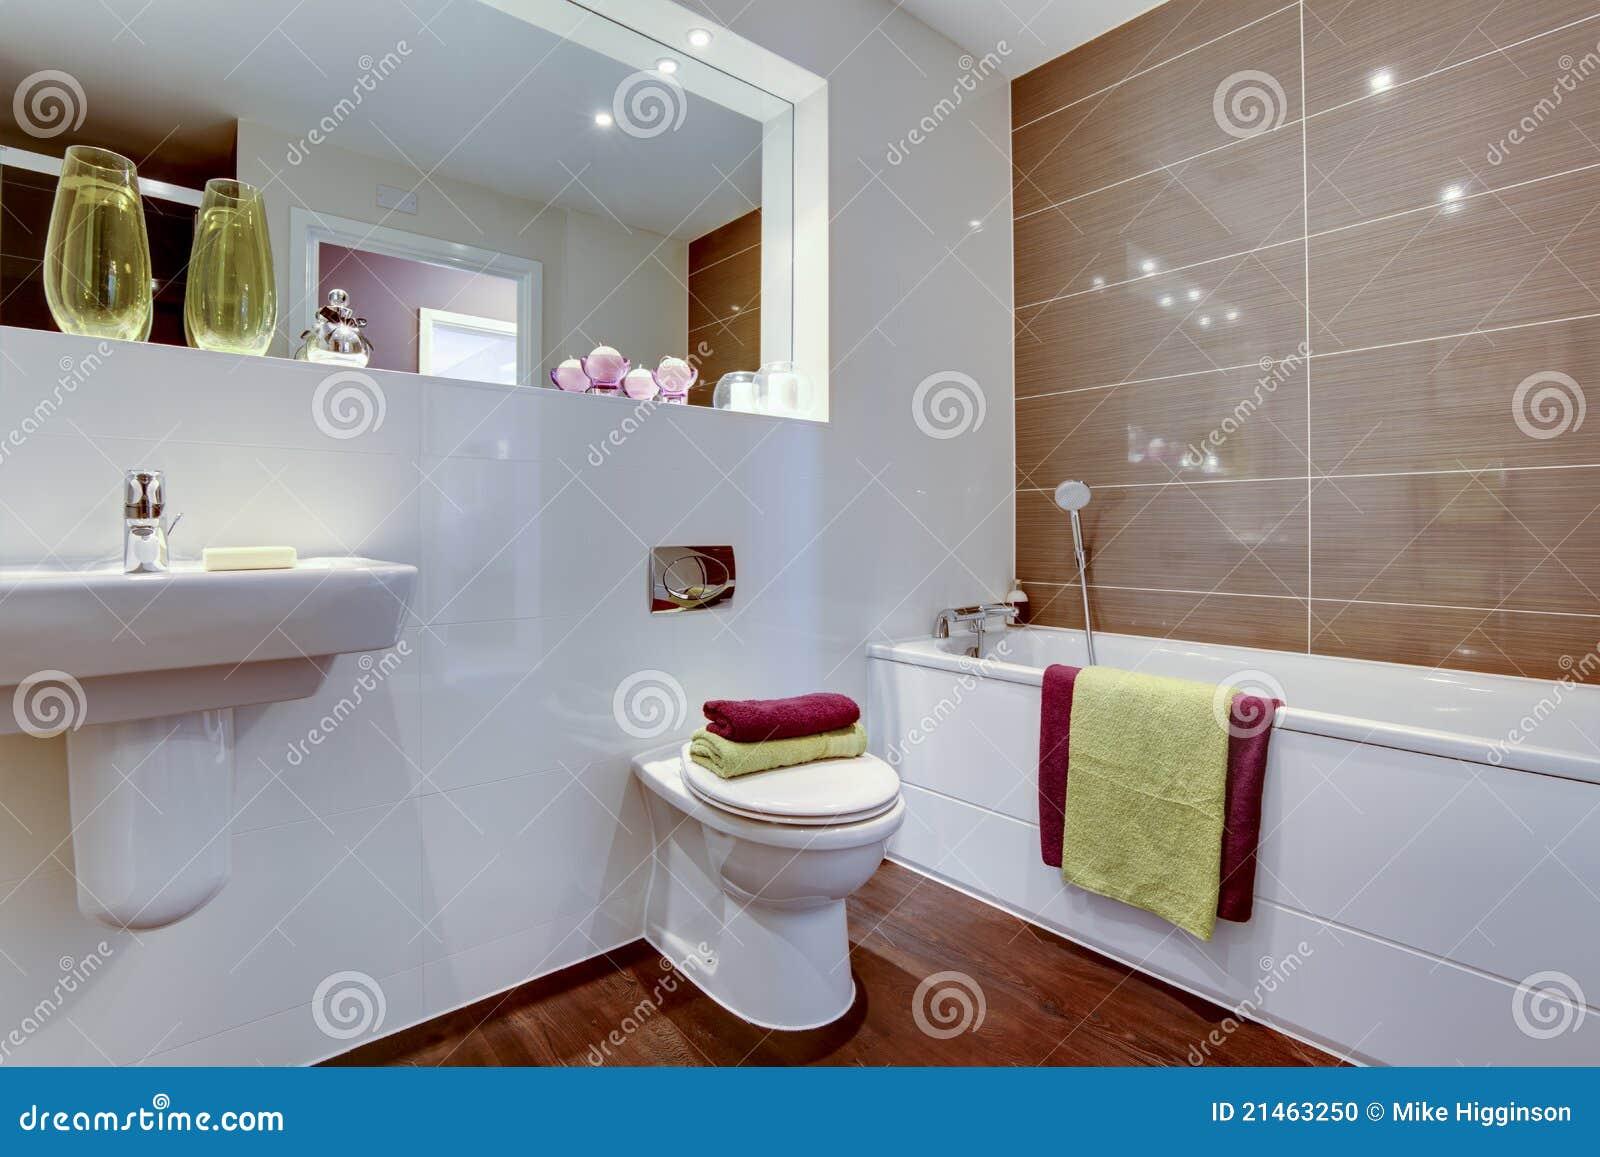 Banheiro Contemporâneo Chique Foto de Stock  Imagem 21463250 -> Banheiro Pequeno E Chique